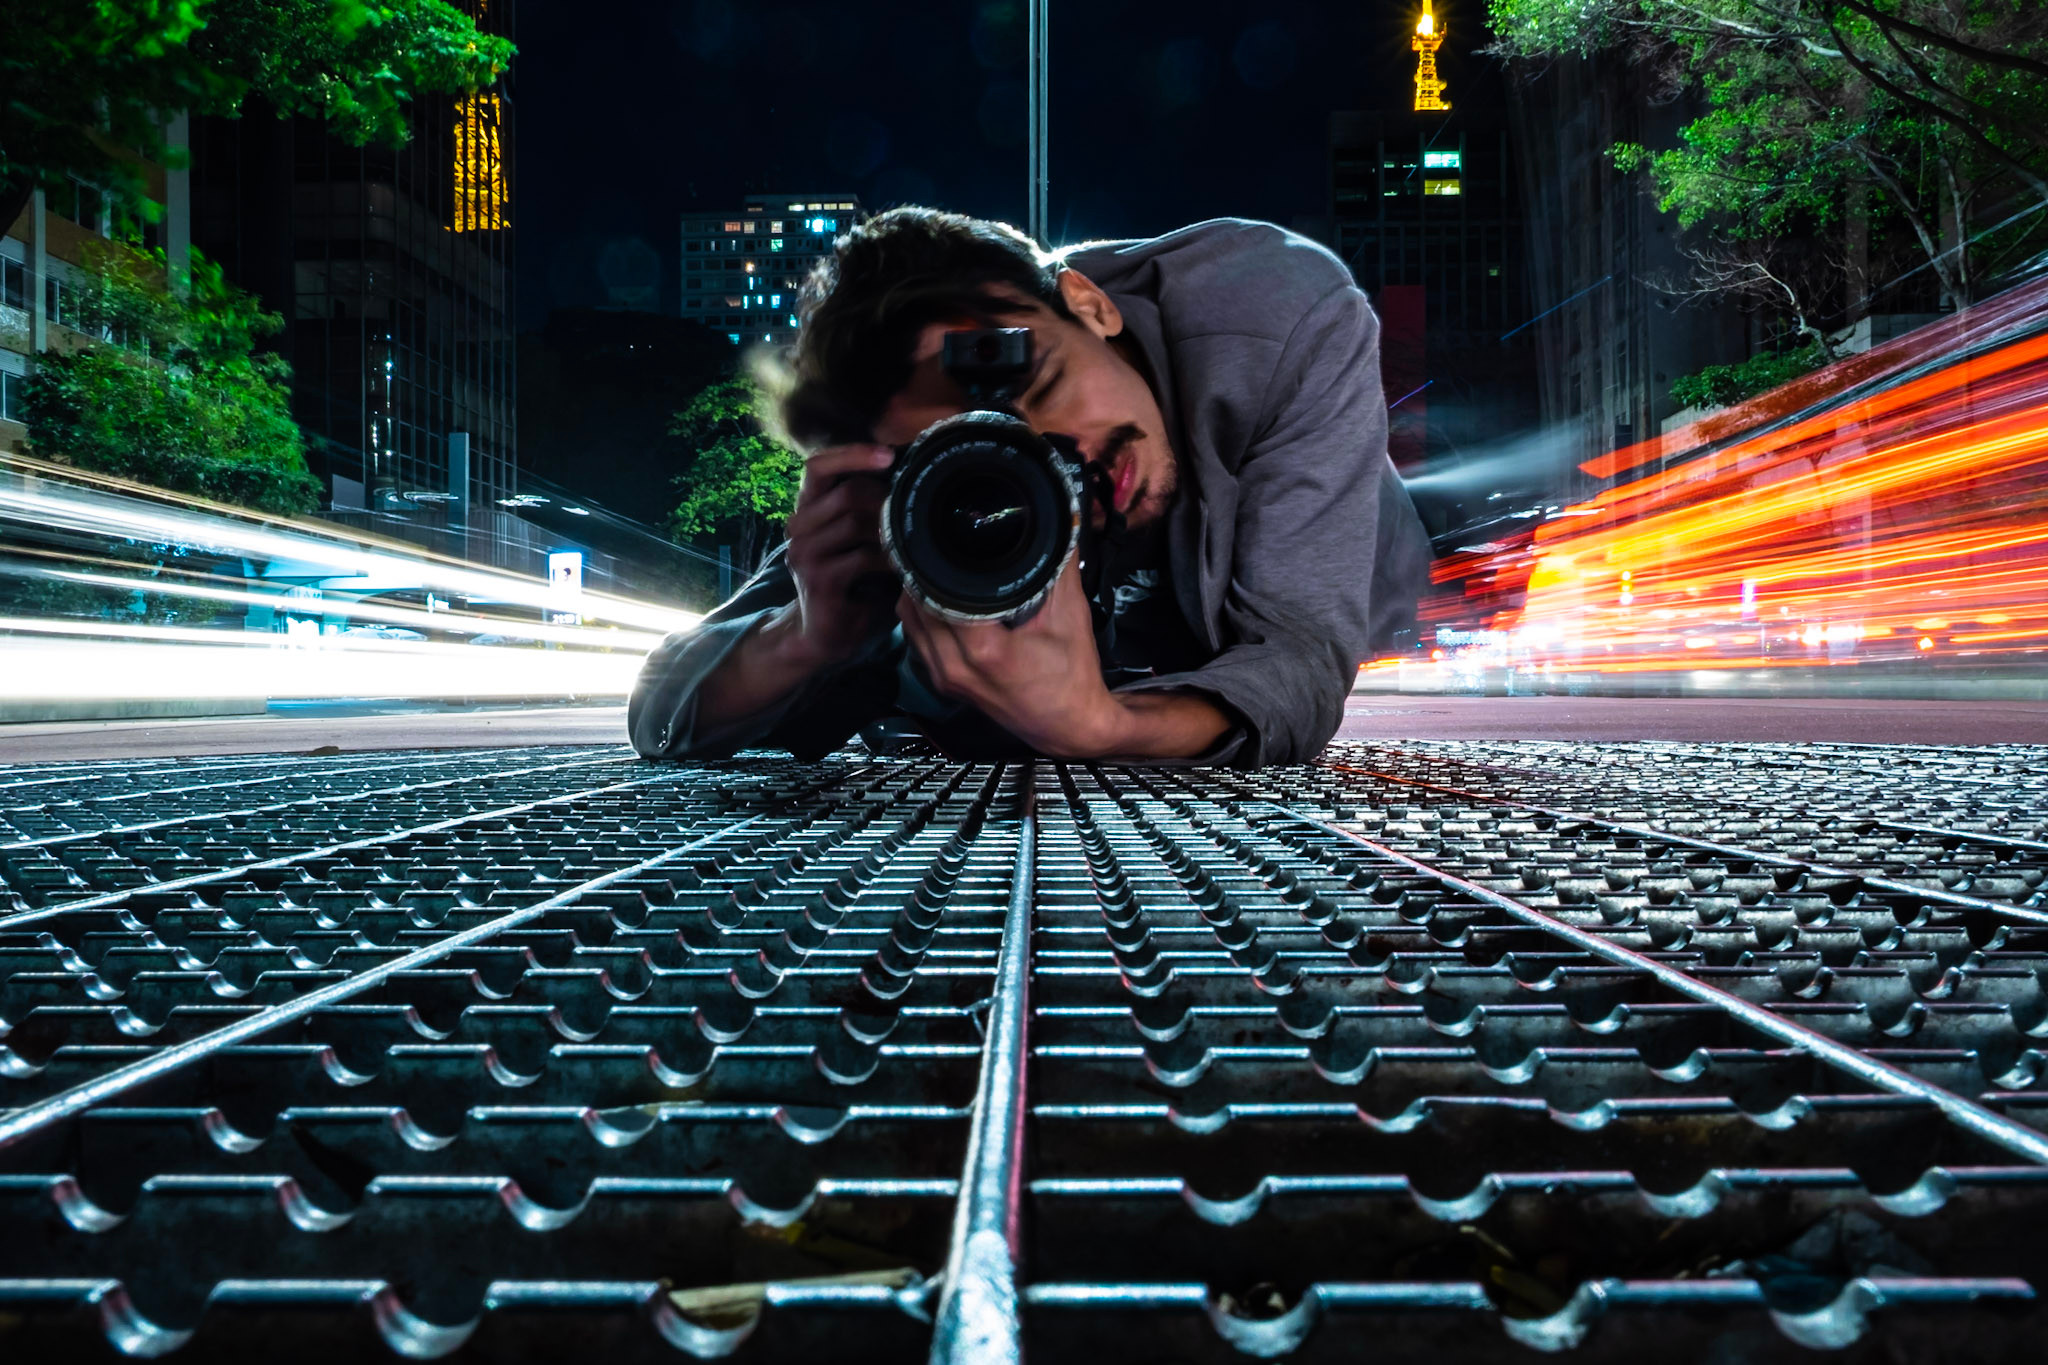 1h Photo Shoot at Paulista/Vila Madalena